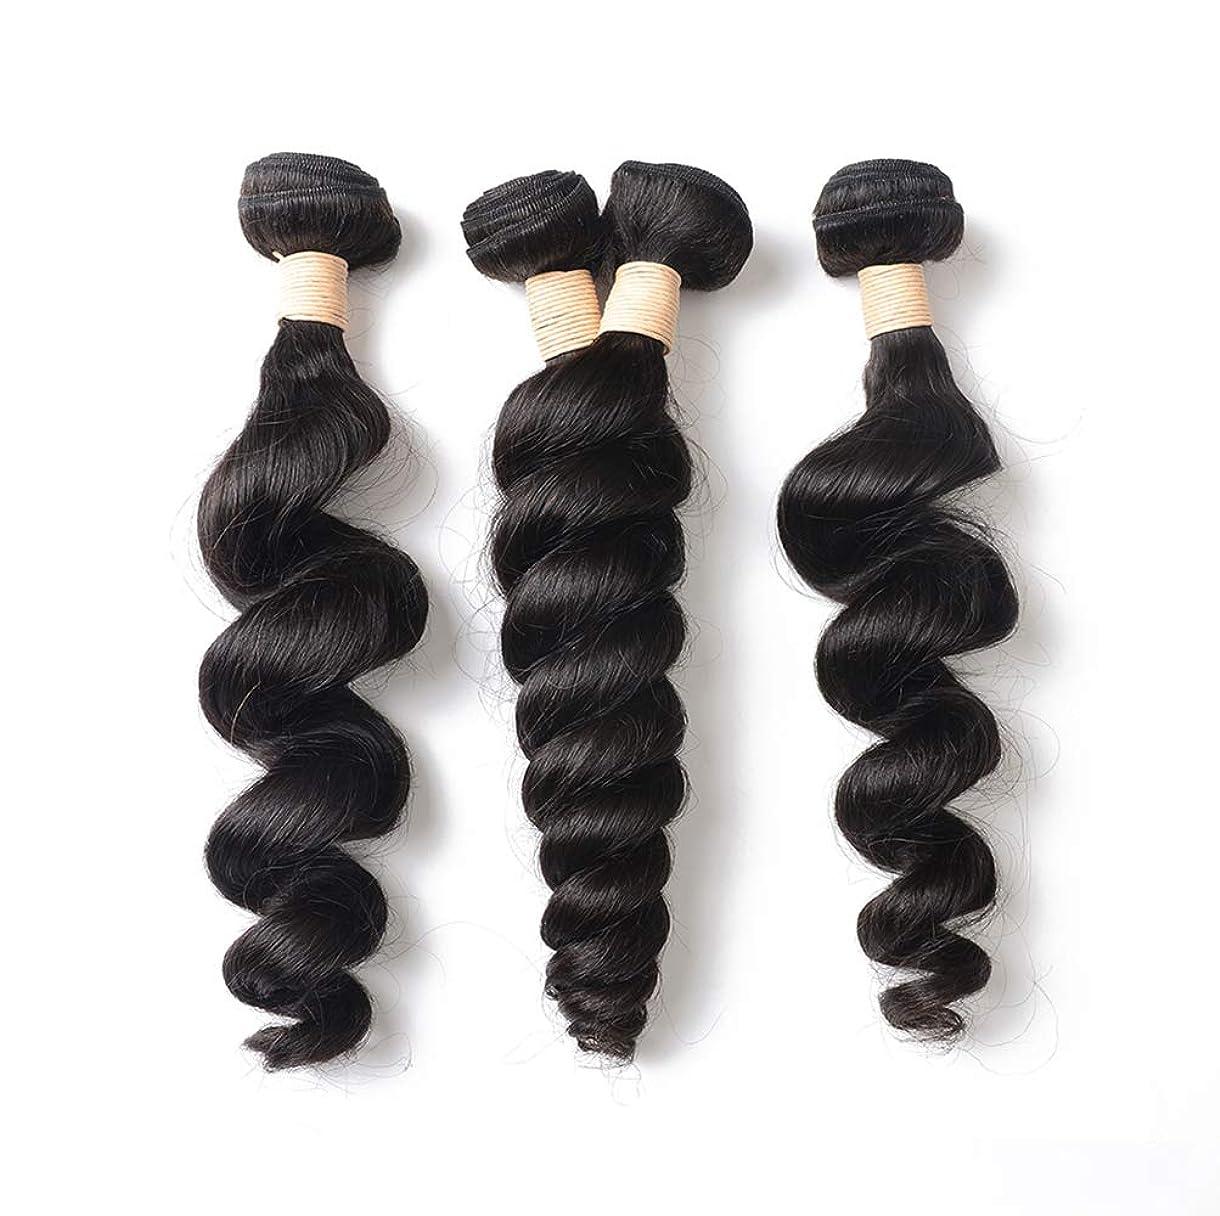 入射引く管理する女性の髪織り150%密度ブラジル実体波髪1バンドルグレード8Aバージンレミーリアル人間の髪の毛